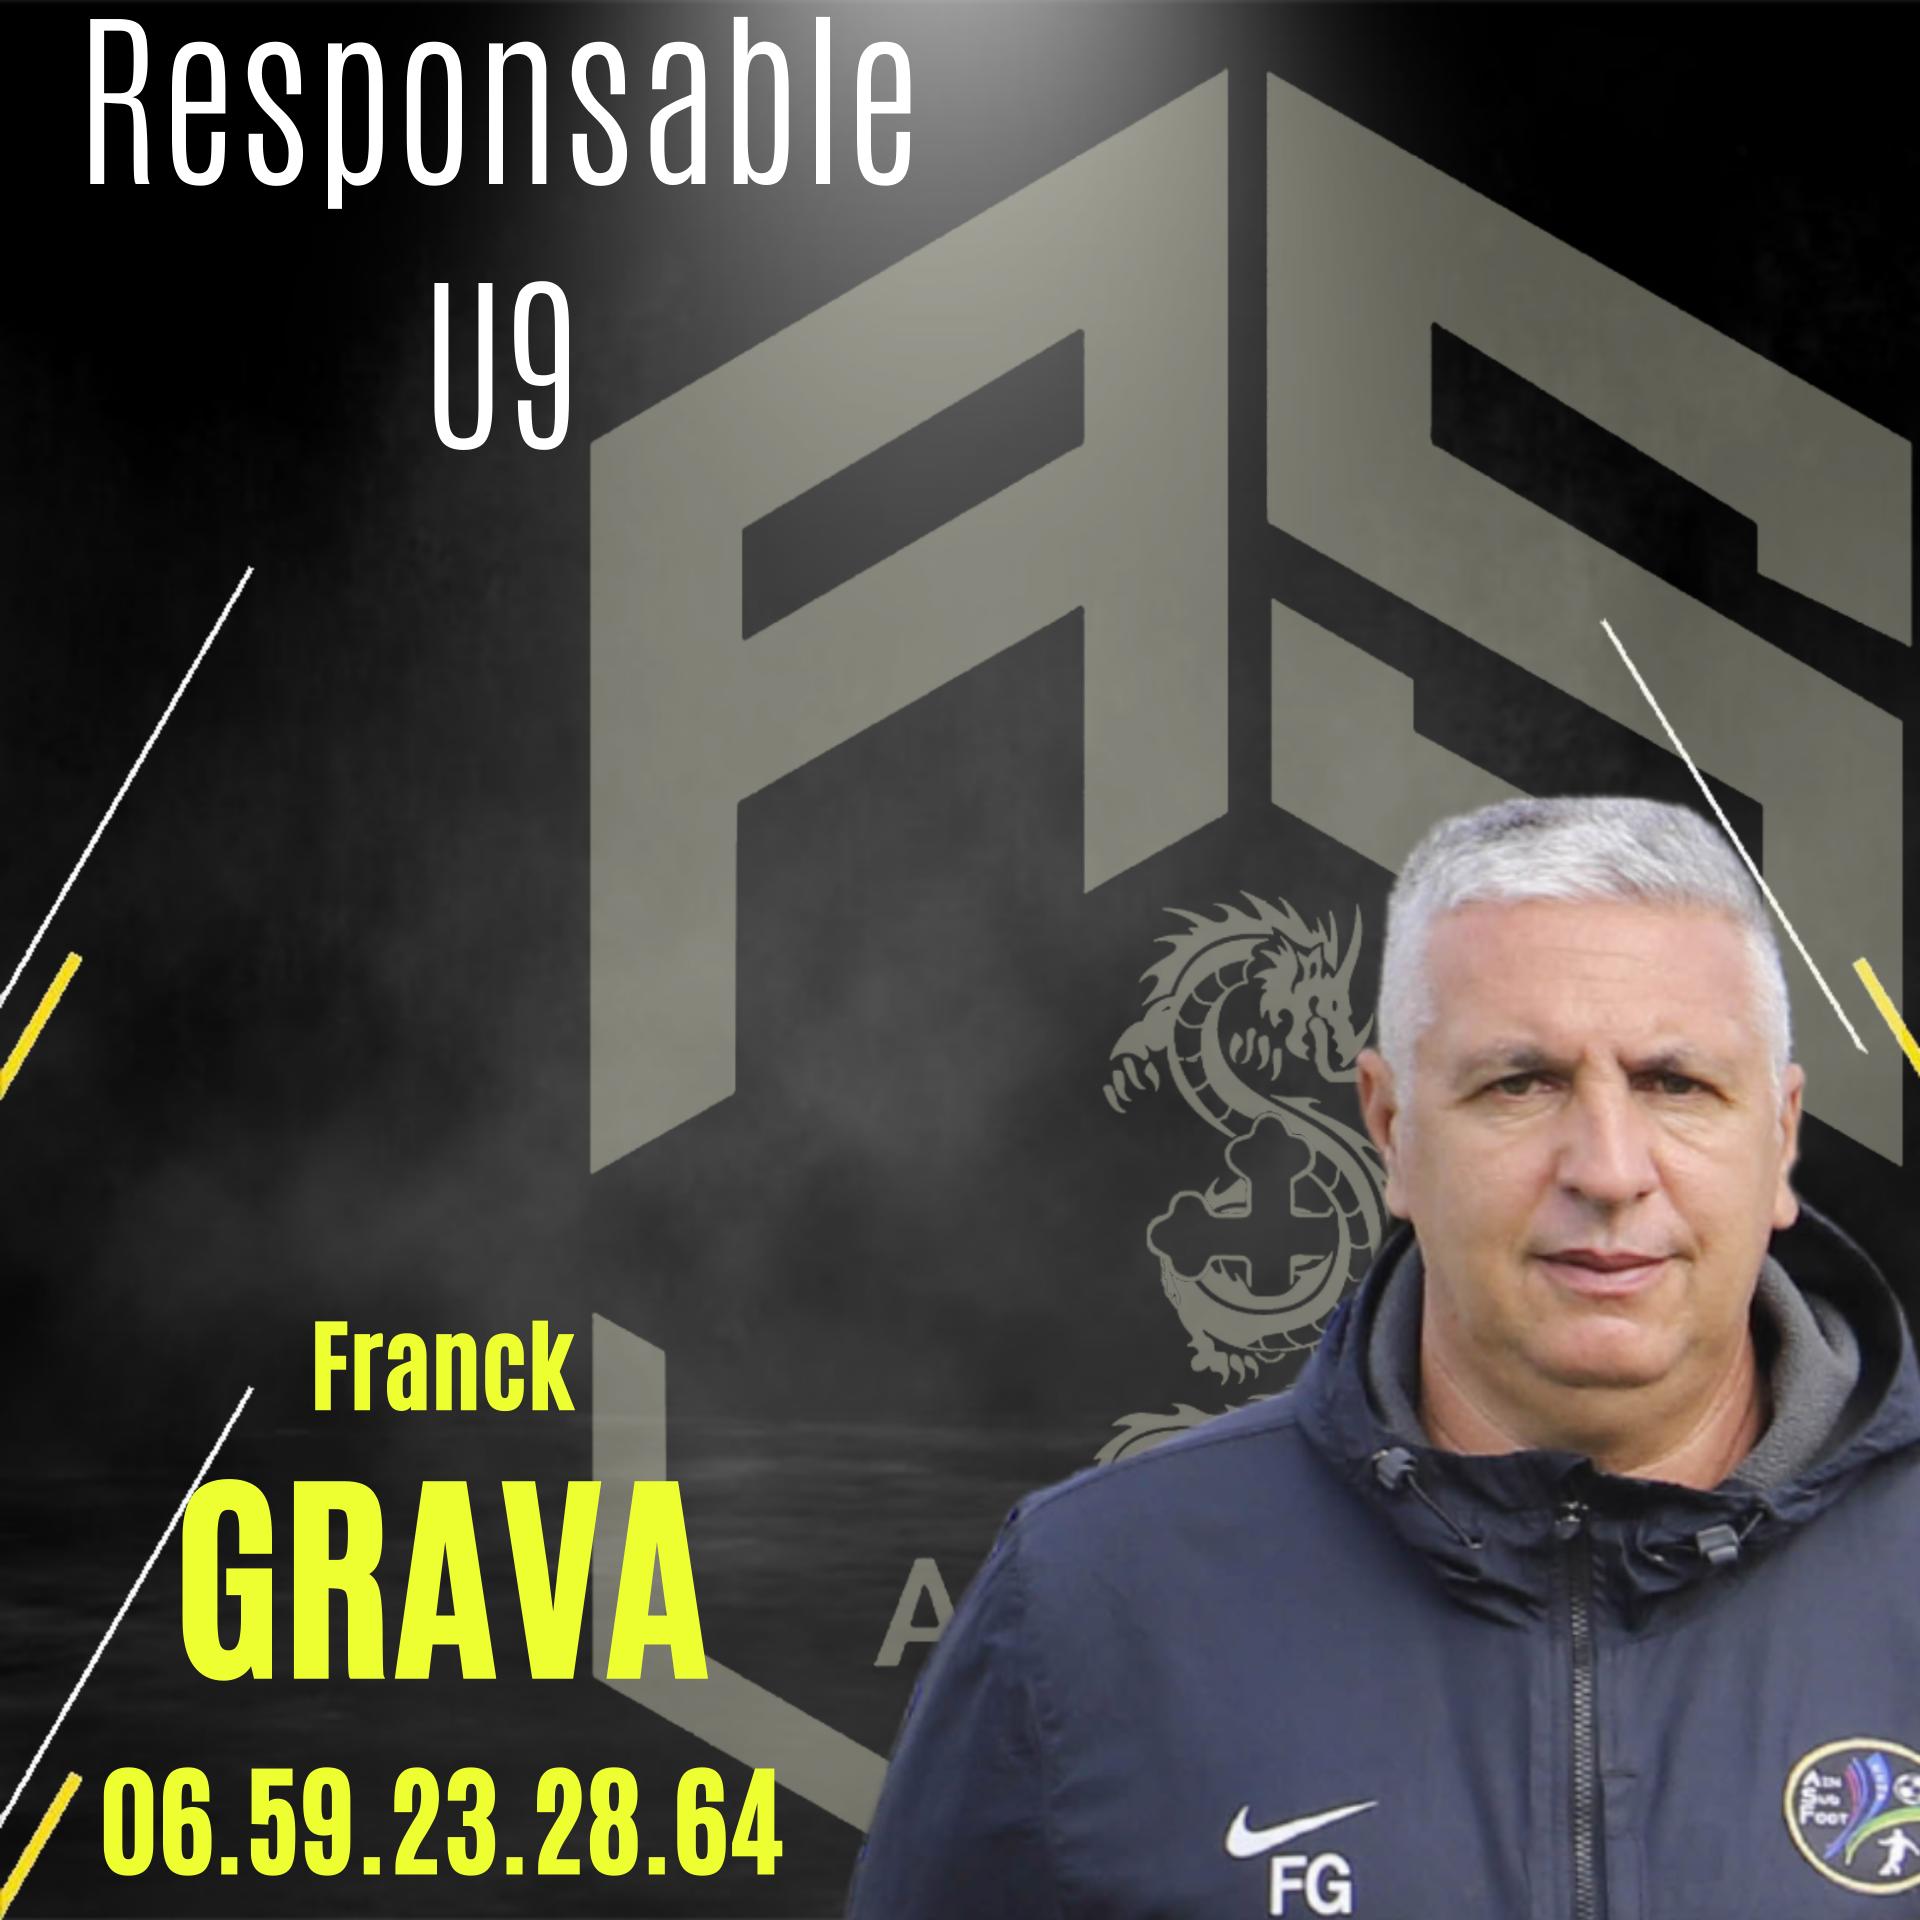 FGRAVA.png